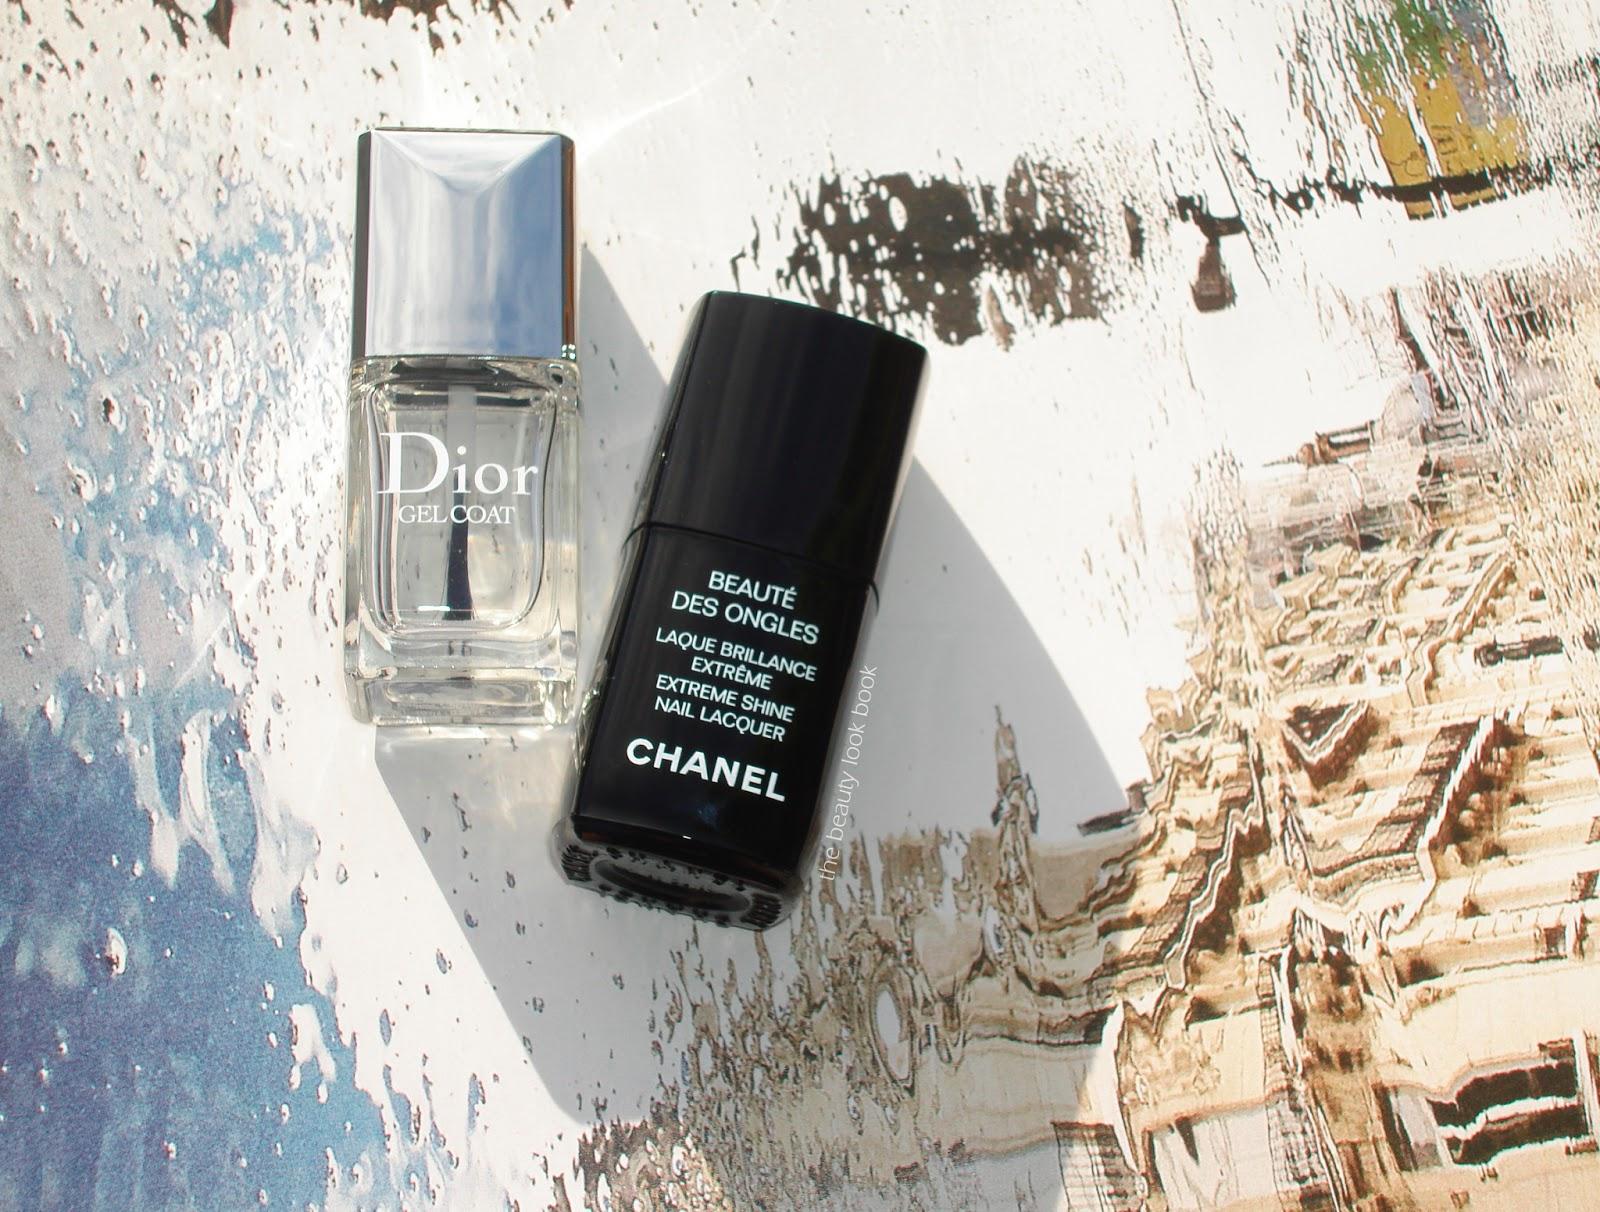 Top Coats: Dior Gel Top Coat vs. Chanel Laque Brilliance Extreme ...